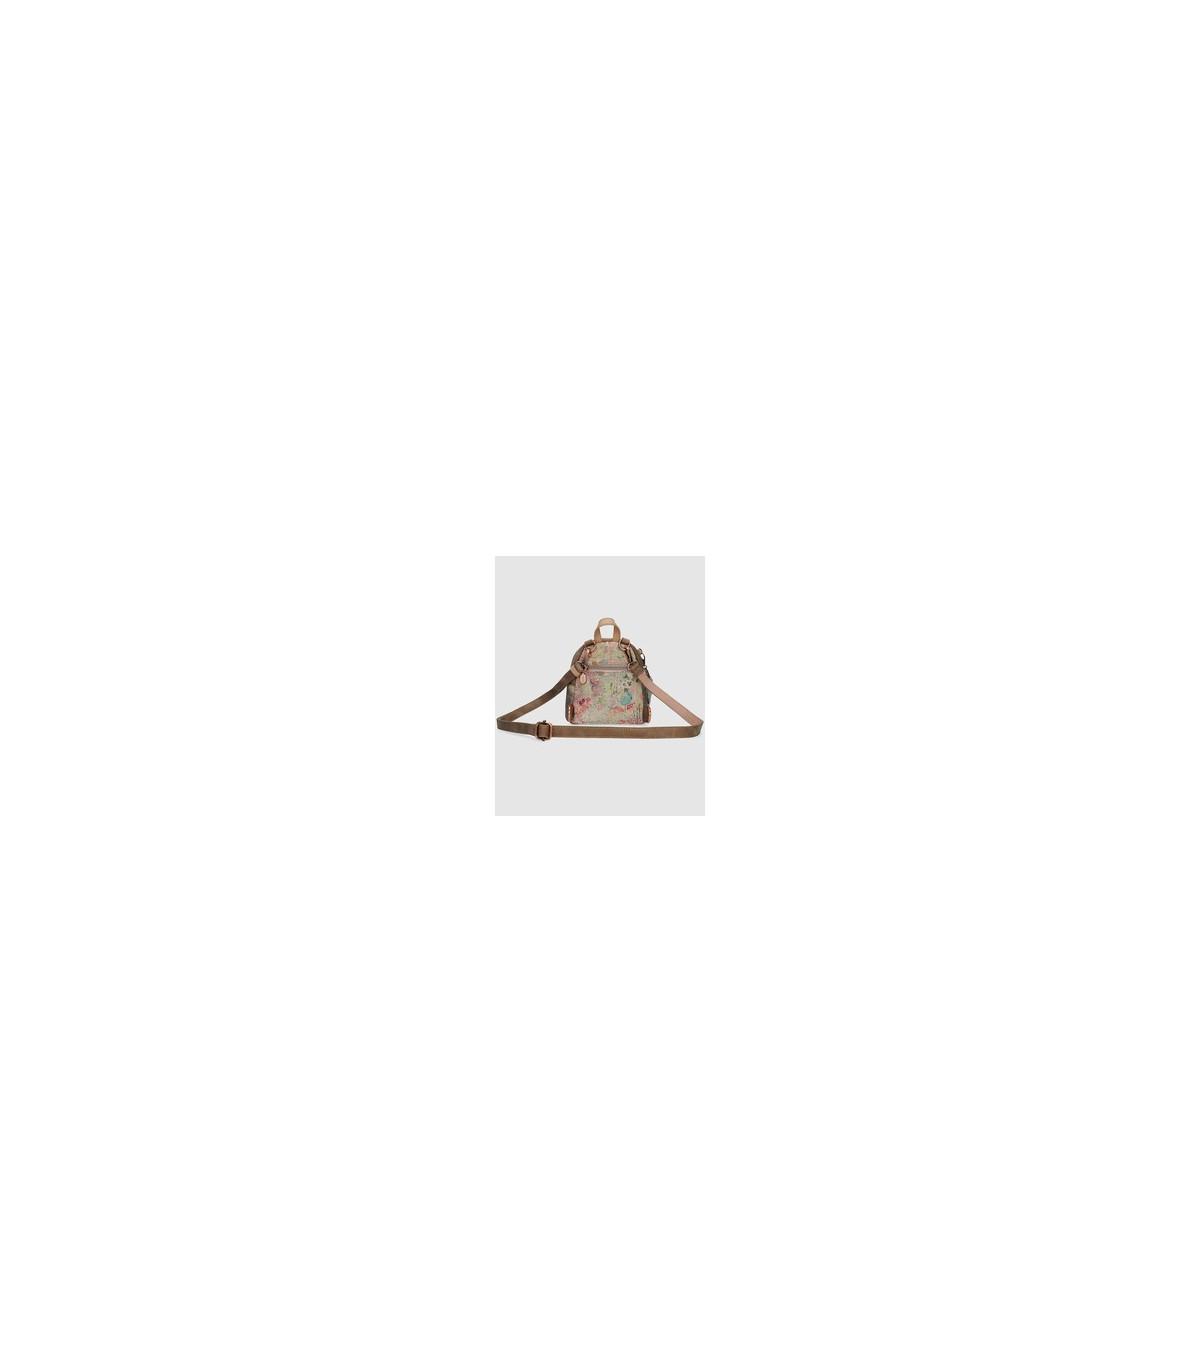 bd0d4b457c5 Mochila mini de mujer Anekke multicolor con print frontal de la marca y charm  extraíble